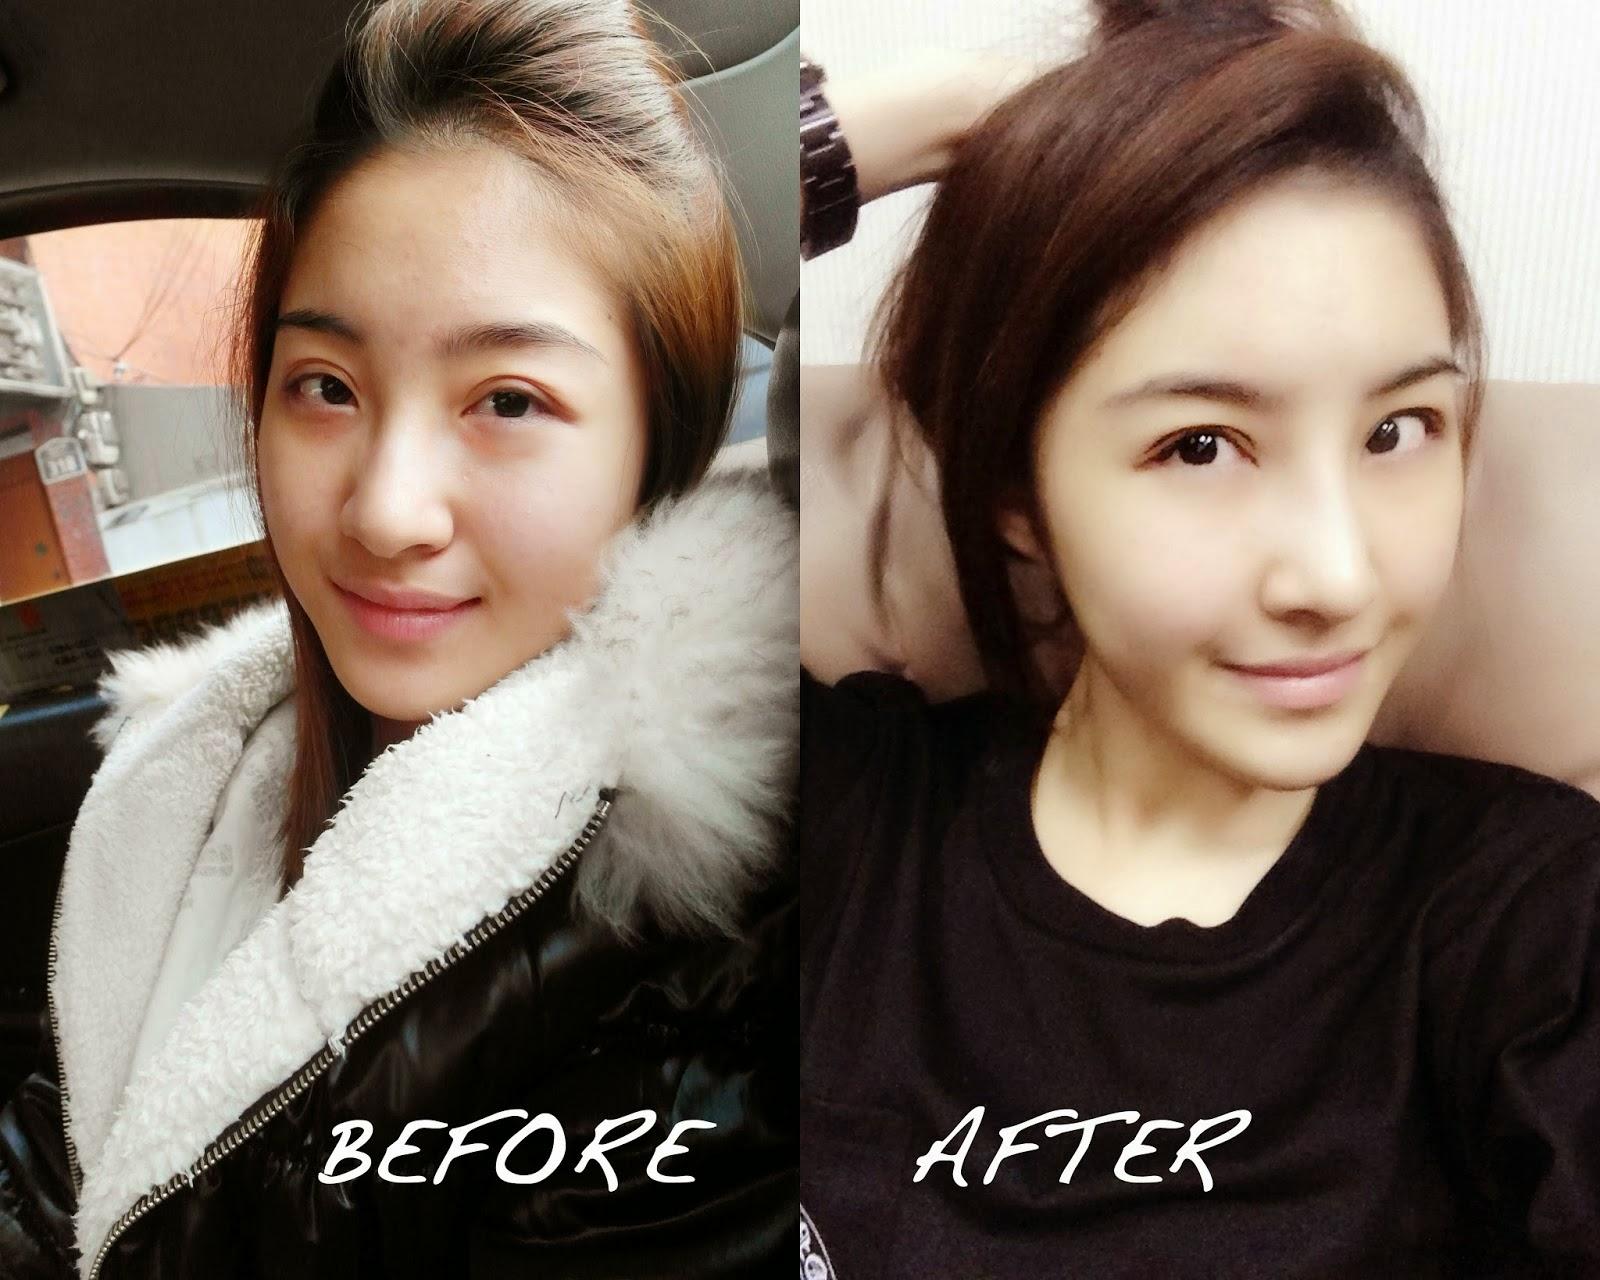 Thay đổi khuôn mặt nhờ bơm mỡ tự thân, cắt mí mắt Hàn Quốc kết hợp phẫu thuật nâng mũi sline